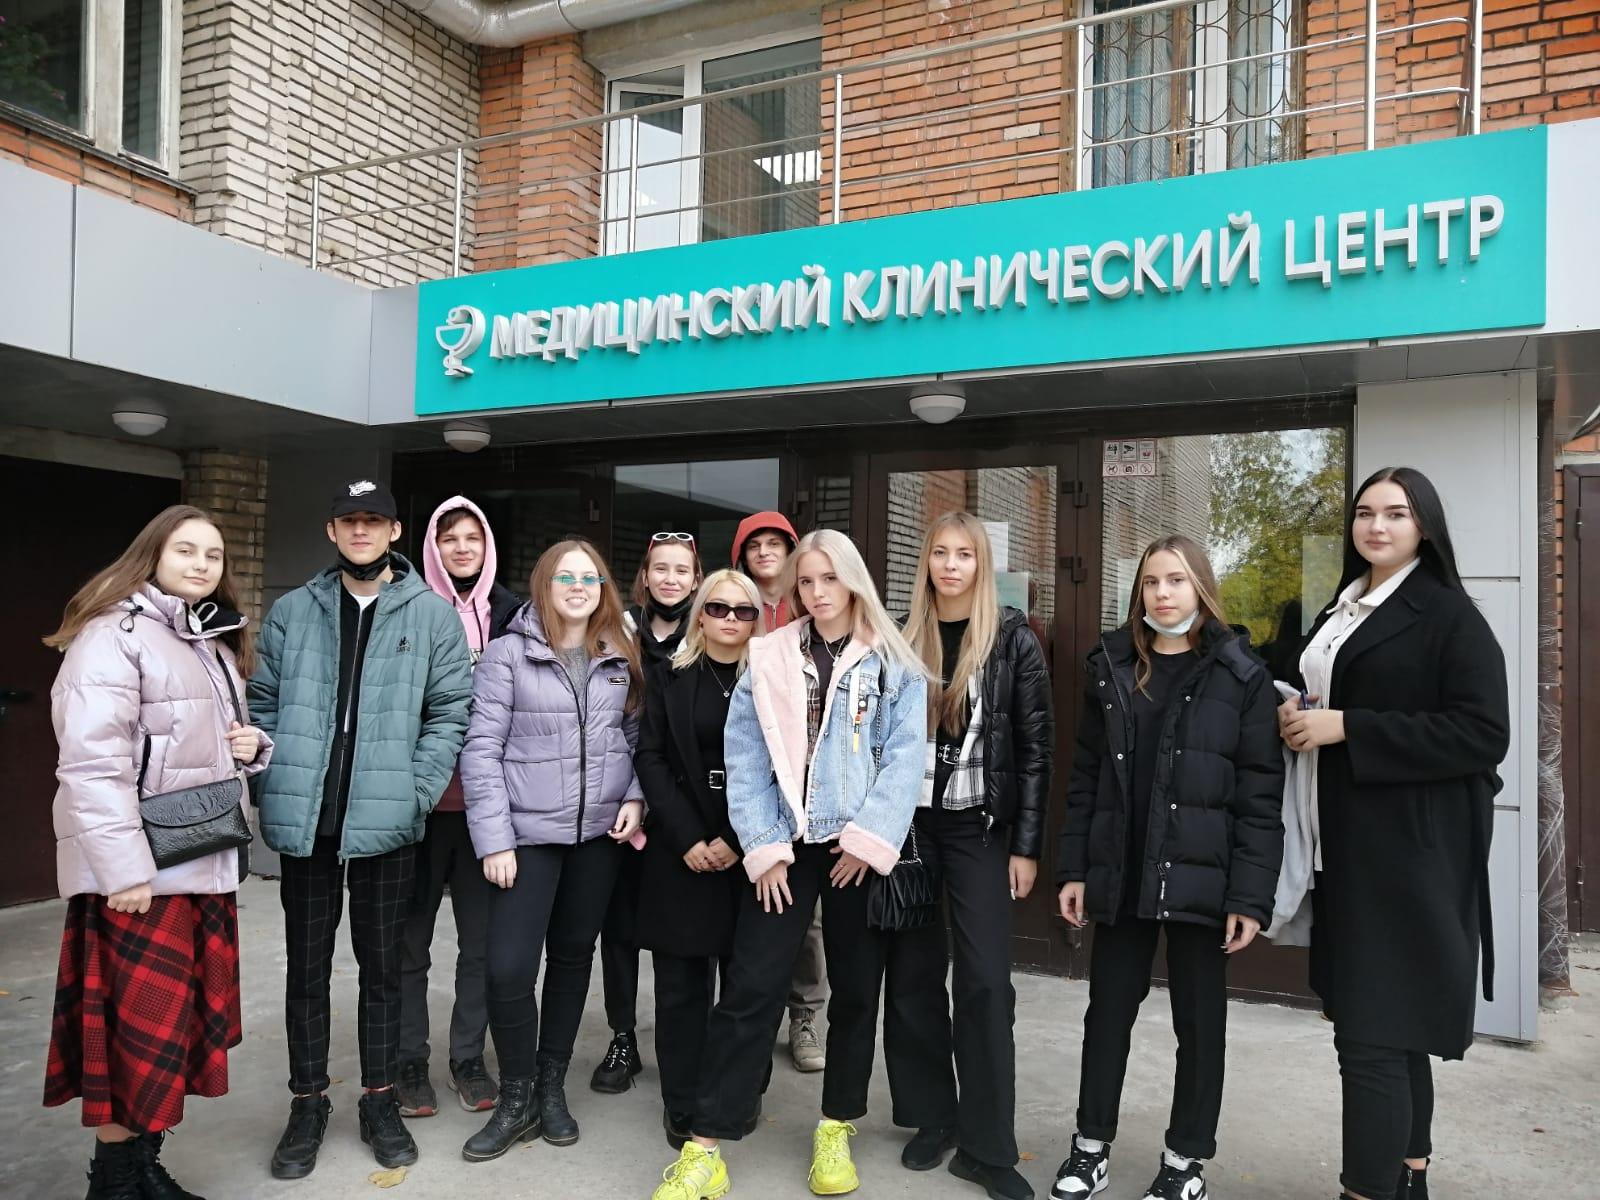 obuchayushchiesya-10a-klassa-posetili-meditsinskij-tsentr-tulgu